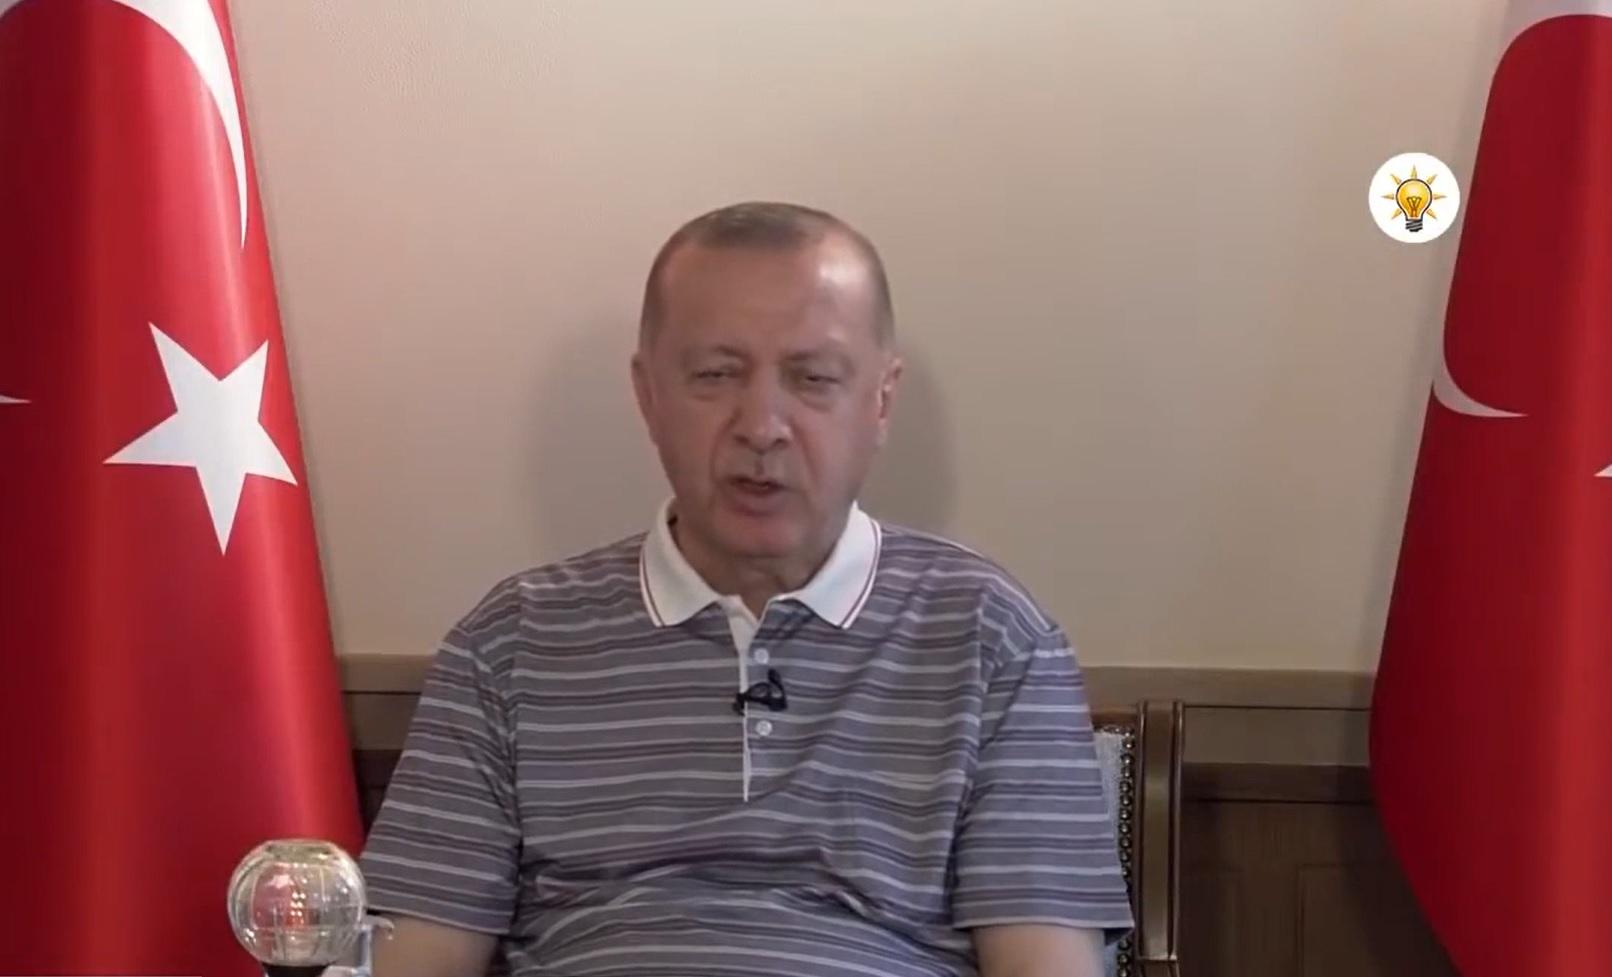 VIDEO. Momentul în care președintele Turciei adoarme pentru o fracțiune de secundă, în timpul unui discurs ținut în fața partidului său